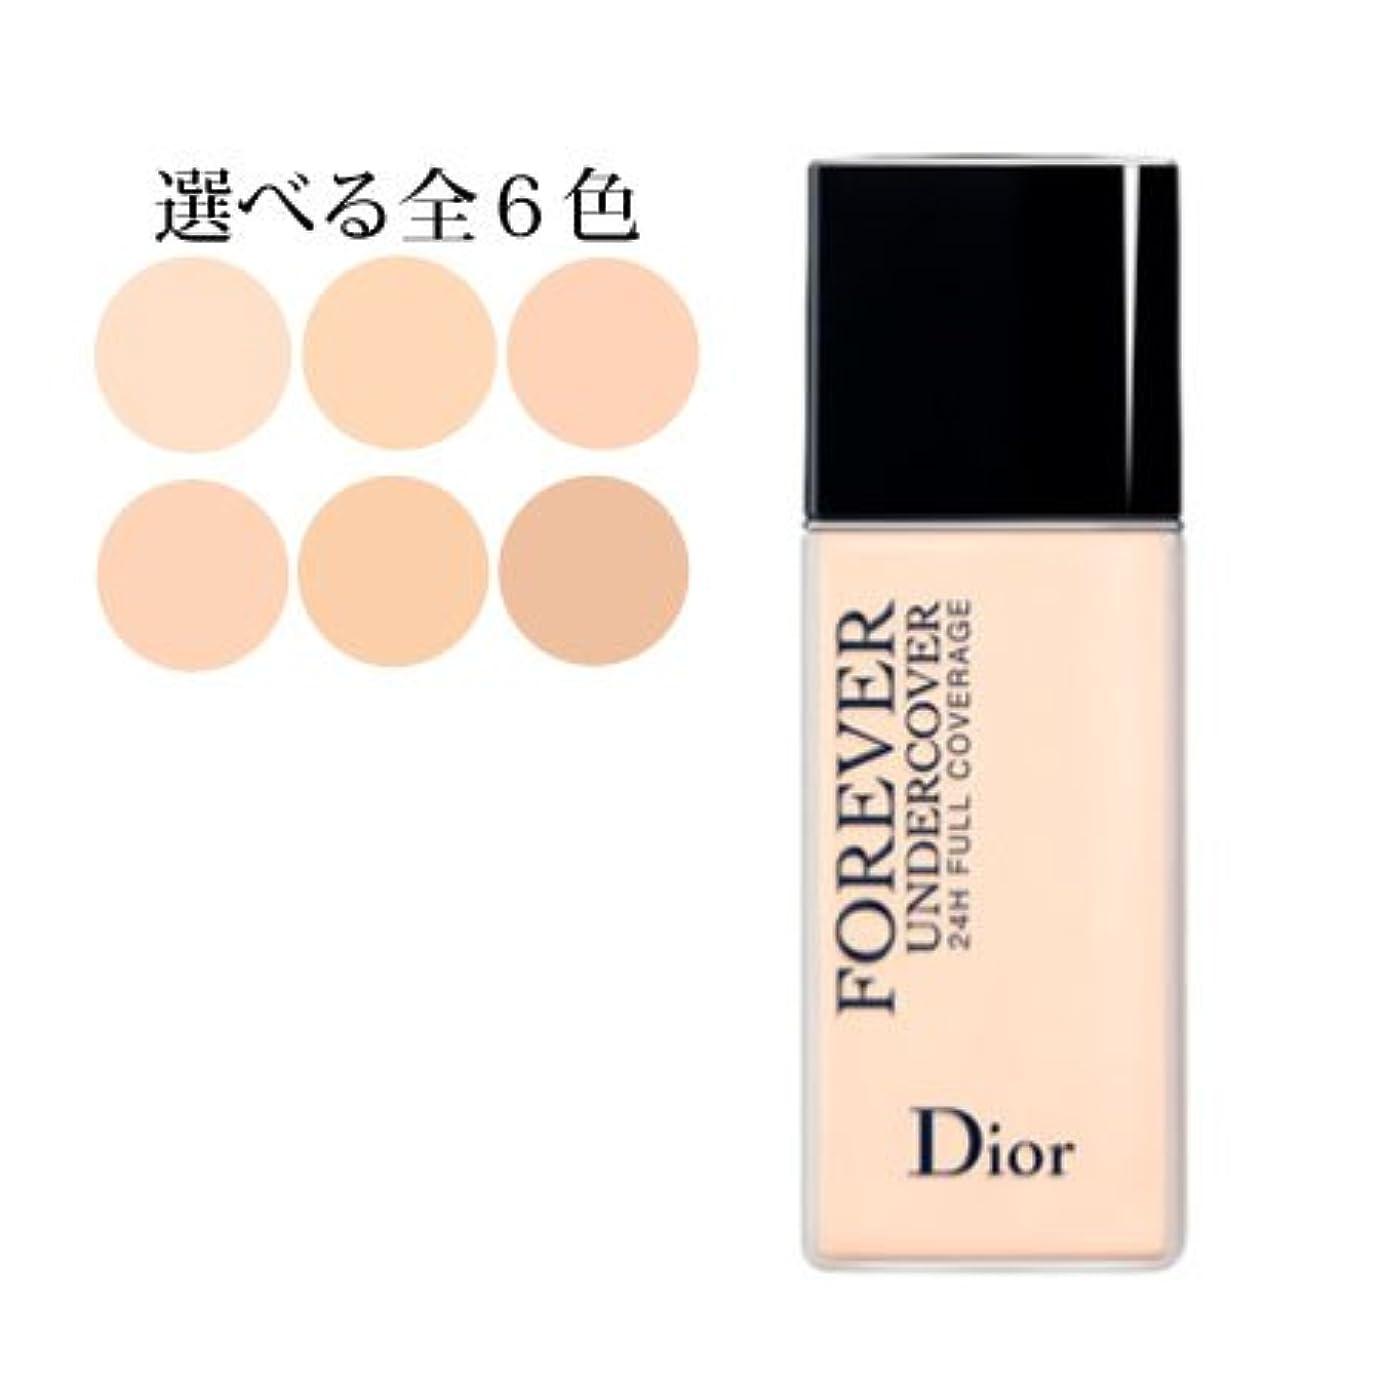 み橋脚しなければならないディオールスキン フォーエヴァー アンダーカバー 選べる6色 -Dior- 020